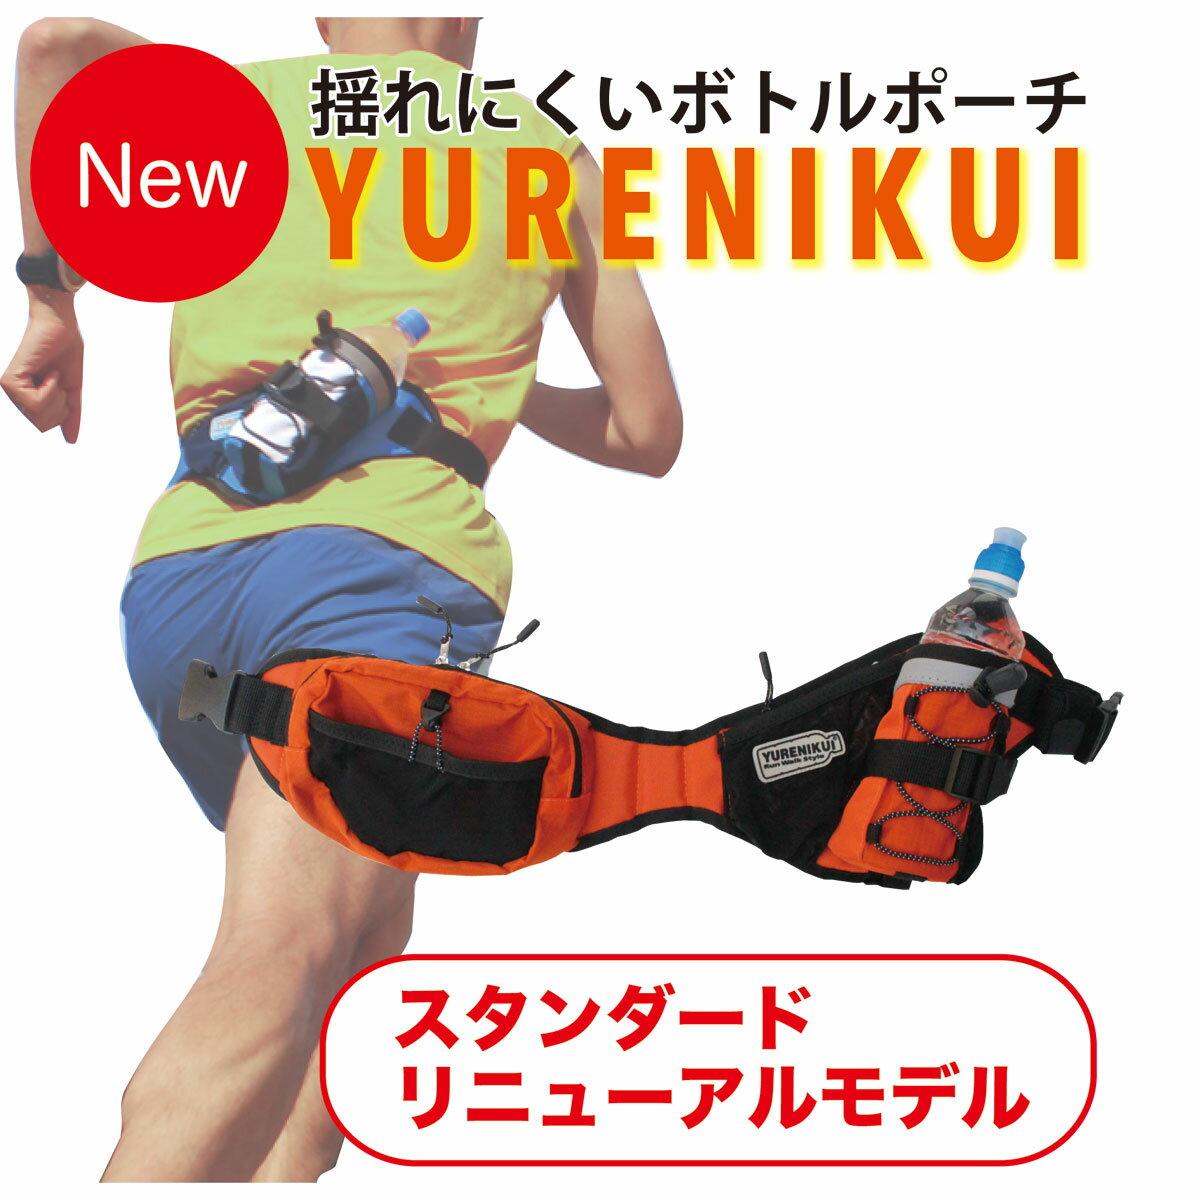 【スタンダード】ボトルポーチ YURENIKUIスタンダード ベーシック リニューアル 全13色 iphone7プラス対応 揺れにくい ランニングポーチ ペットボトル